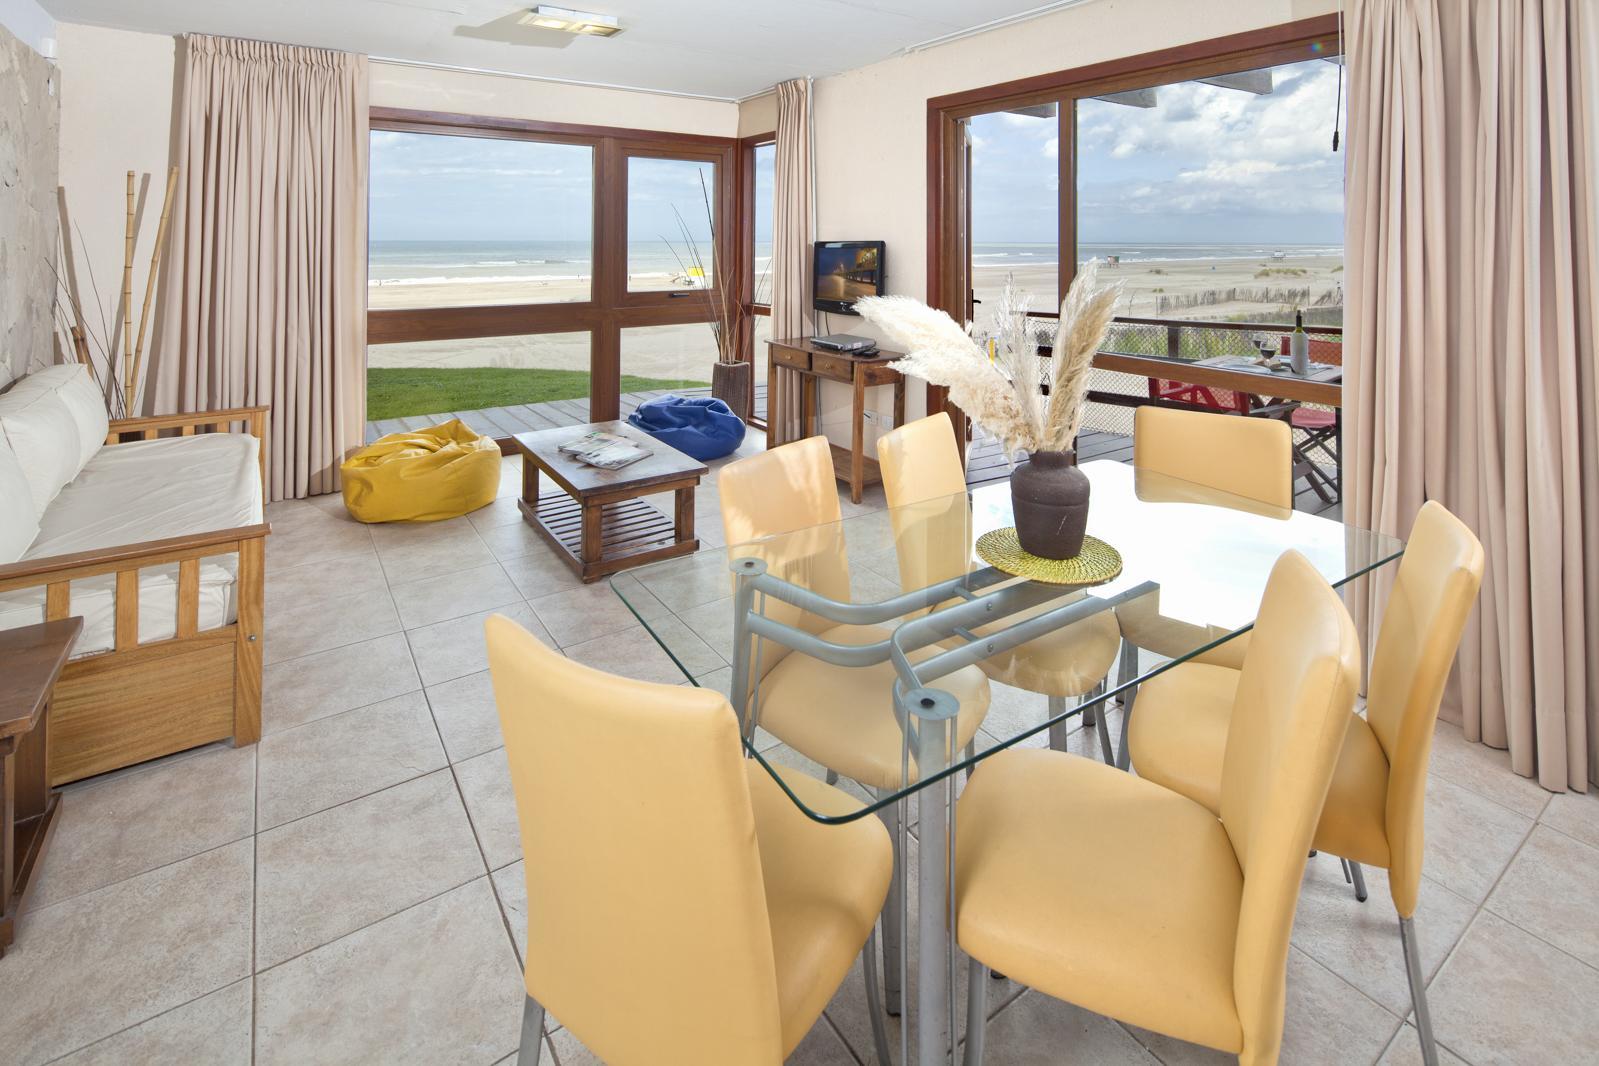 Hotel Alta Playa - fotógrafo de arquitectura Andreas Grunau - visita virtual en hotel